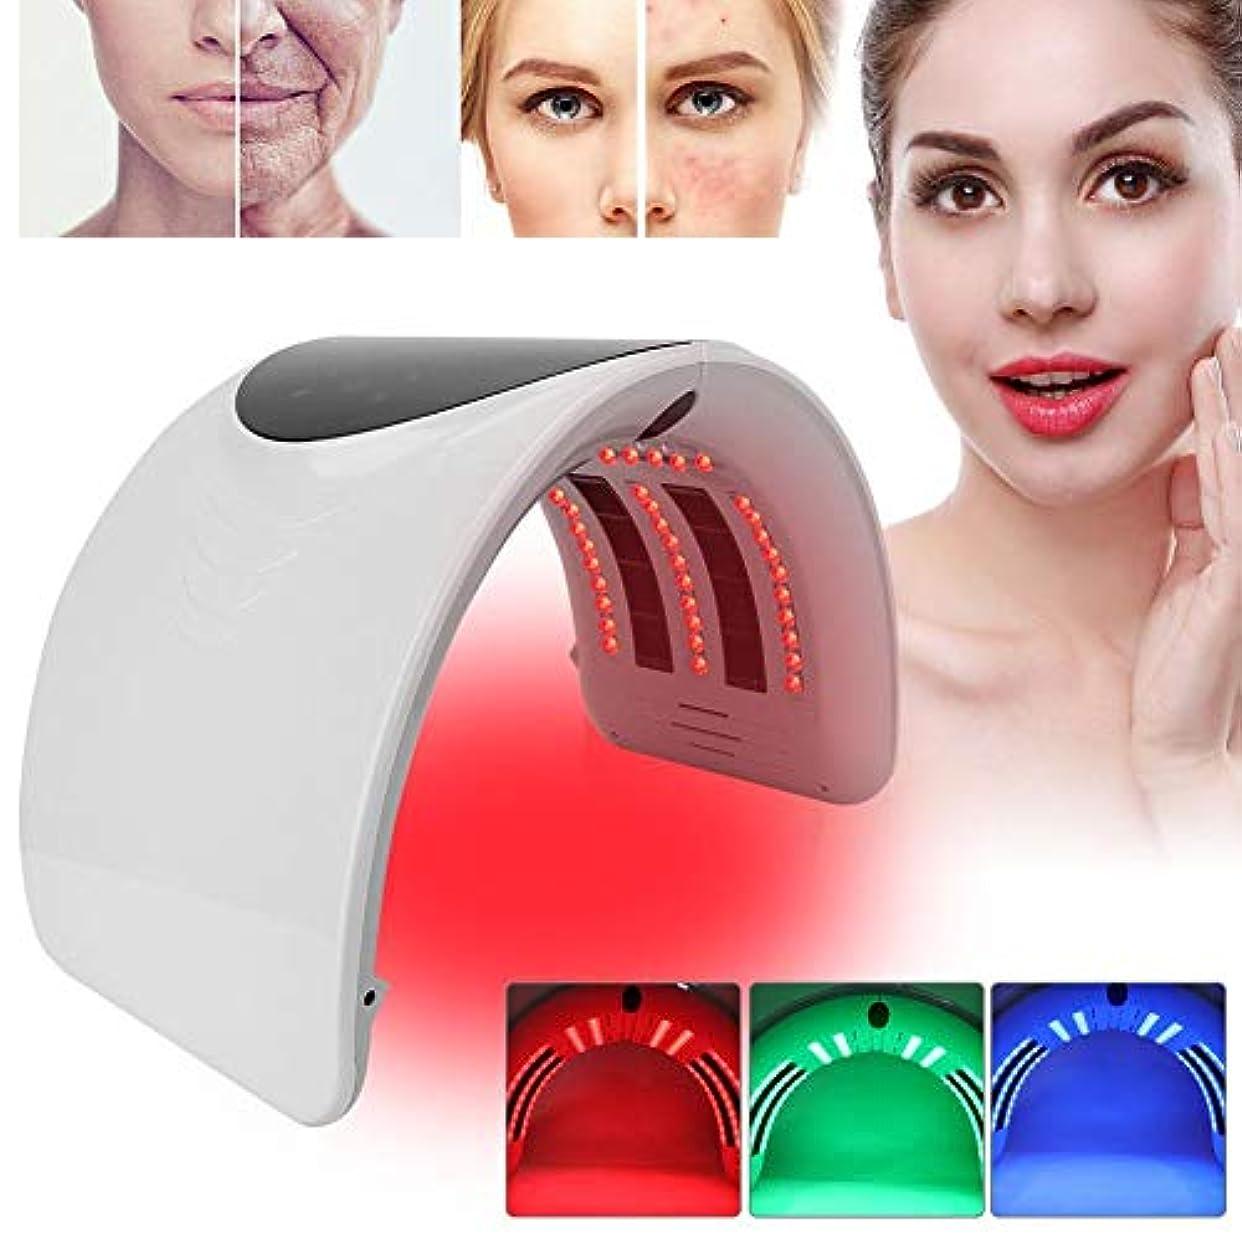 去る年齢レイPDTの軽い療法の美顔術機械、6色の新しい折り畳み式アクネの取り外しのスキンケアの処置機械(01)